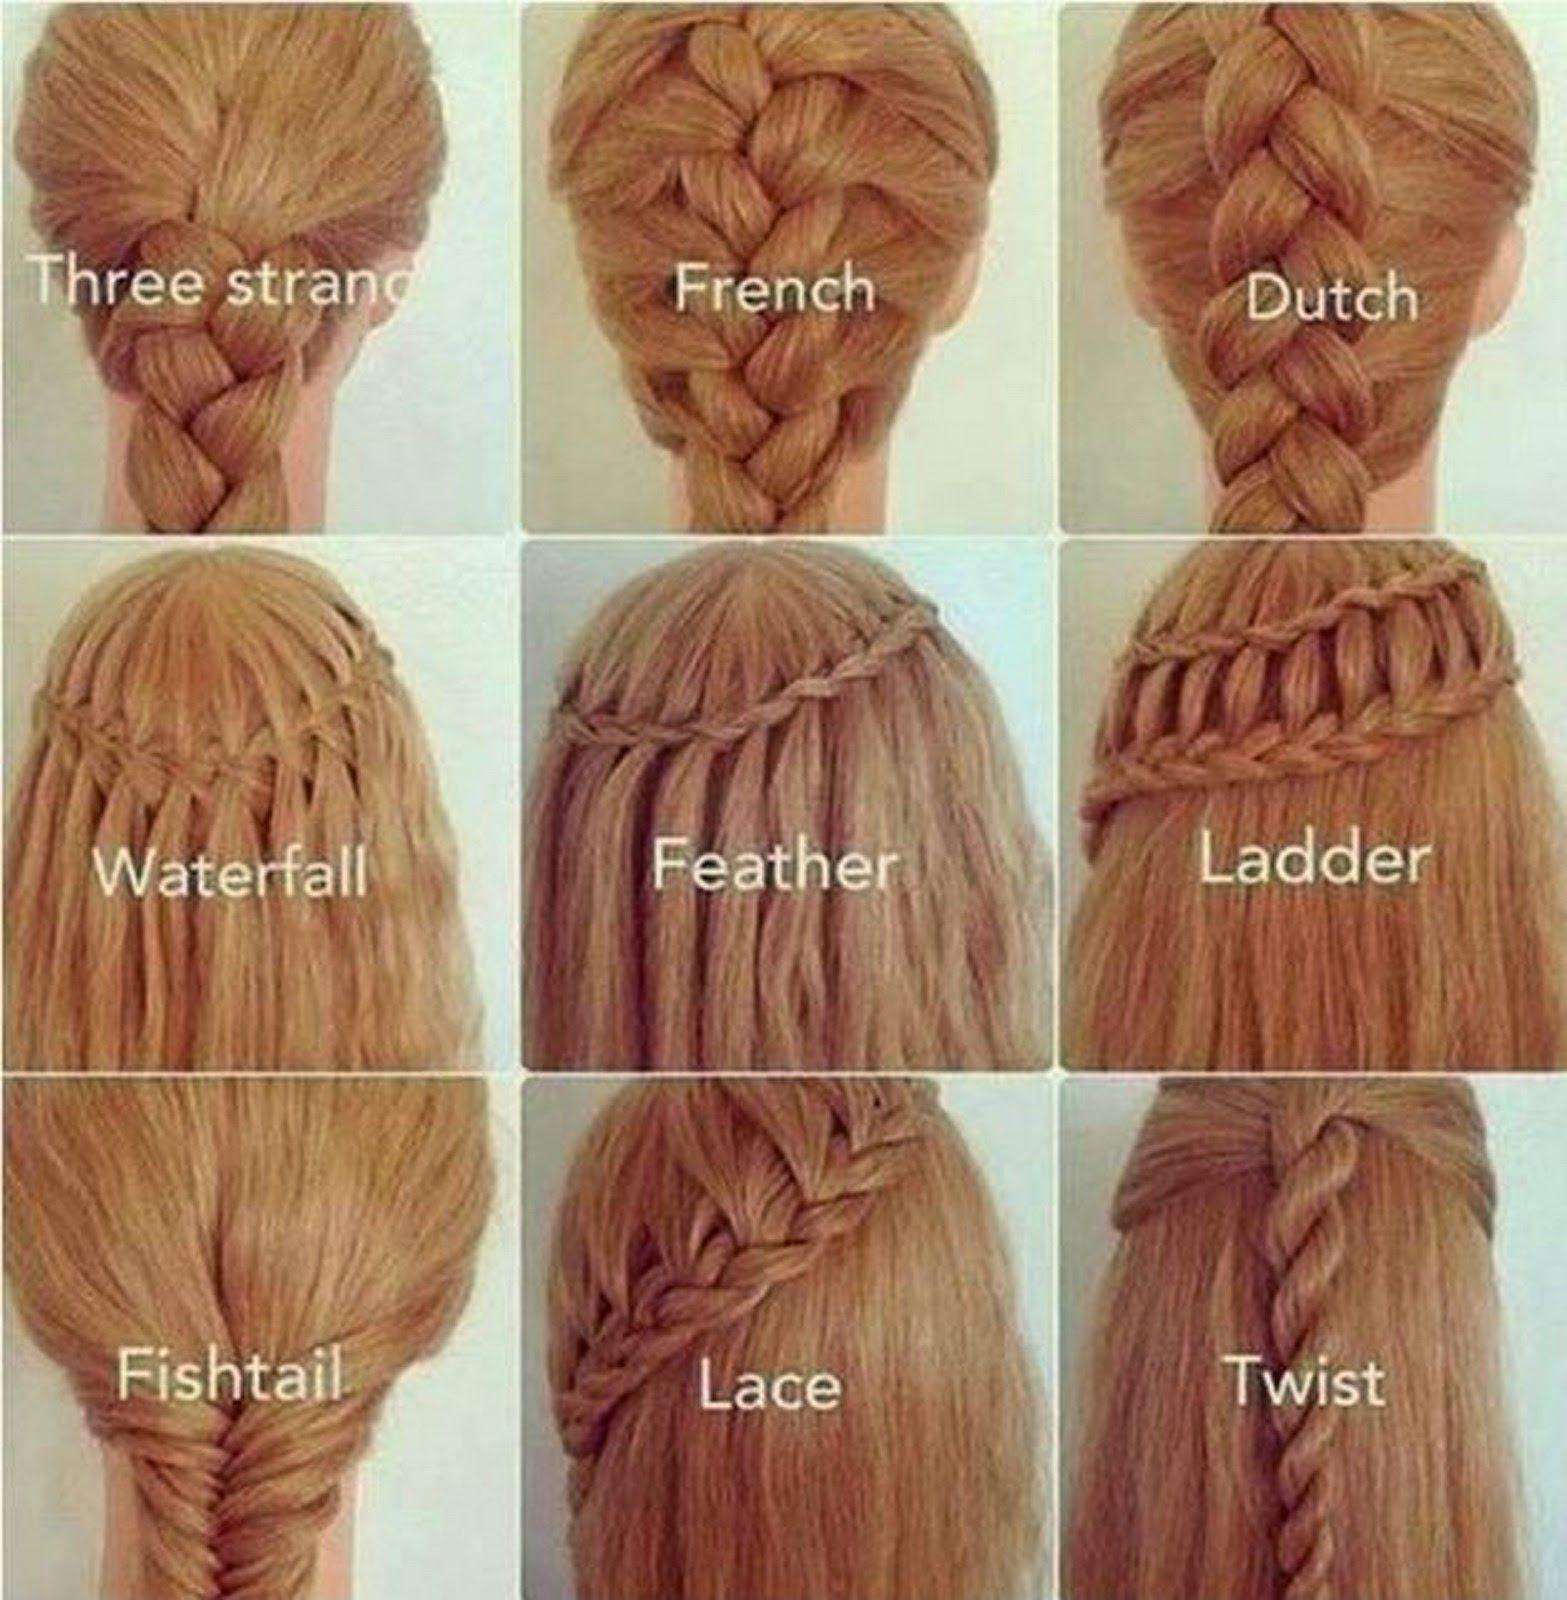 Les Differents Types De Tresses Coiffure Cheveux Tresse Differente Coiffure Natte Coiffure Natte Cheveux